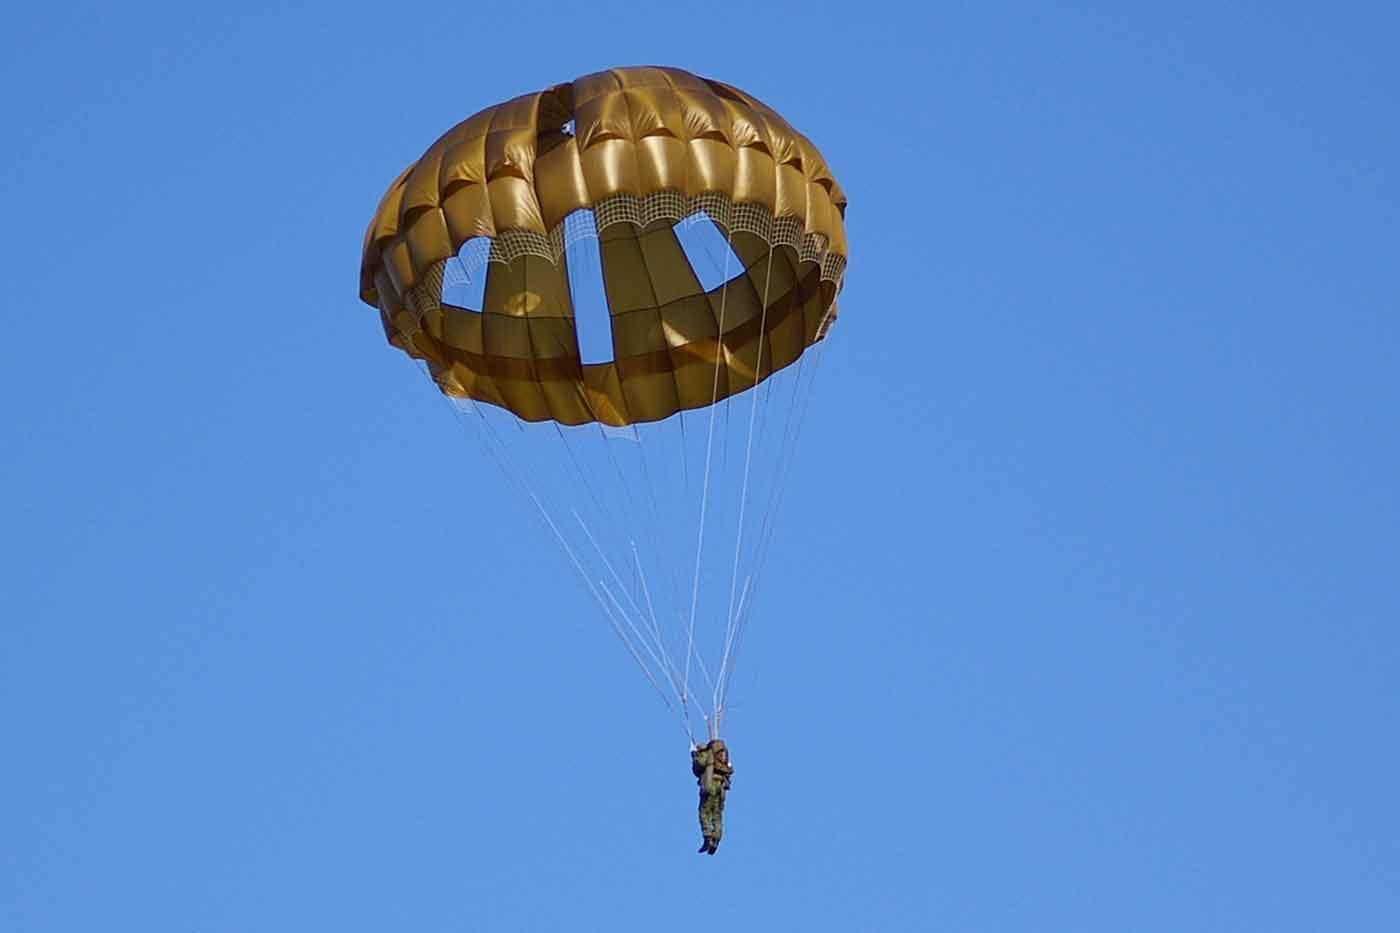 JGSDF parachute